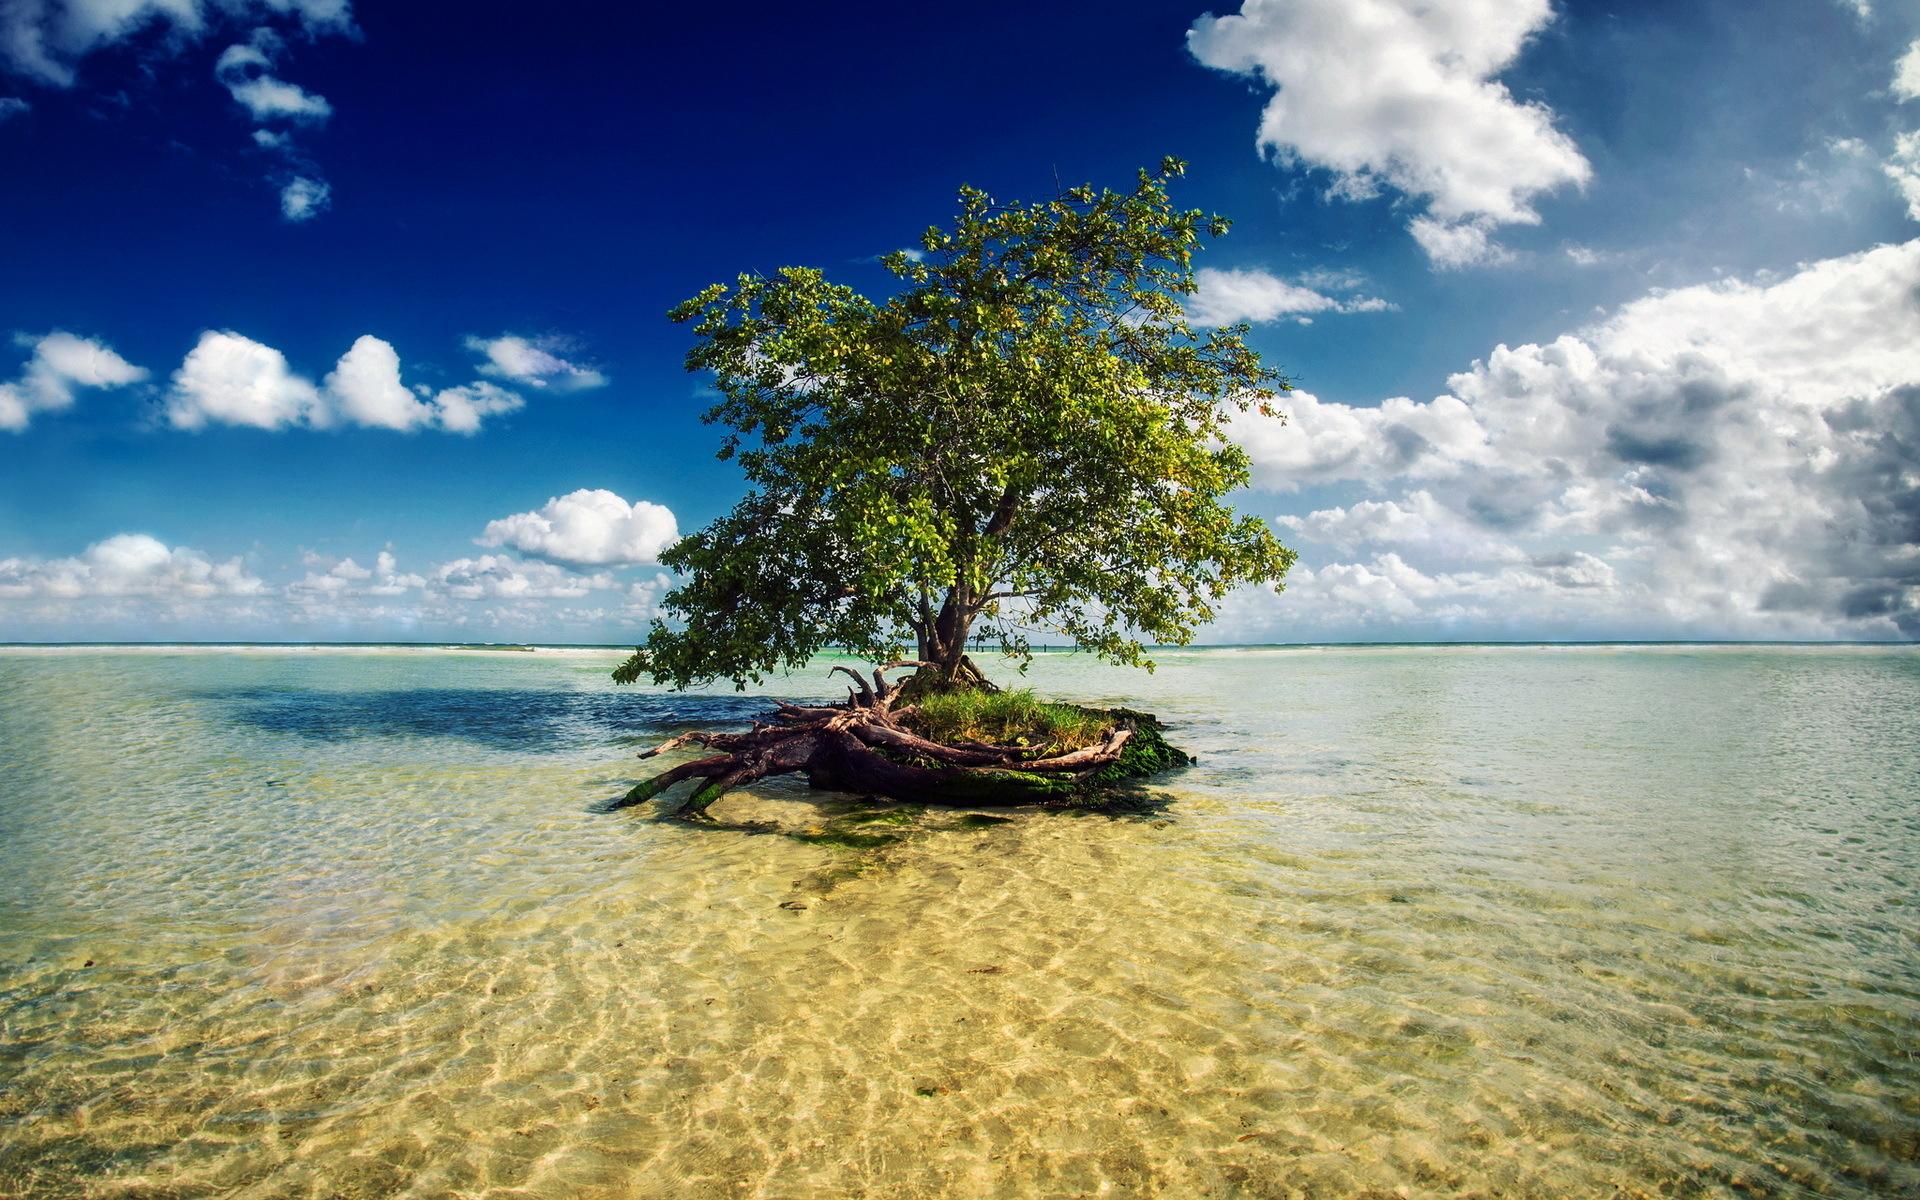 40160 скачать обои Пейзаж, Деревья, Море - заставки и картинки бесплатно